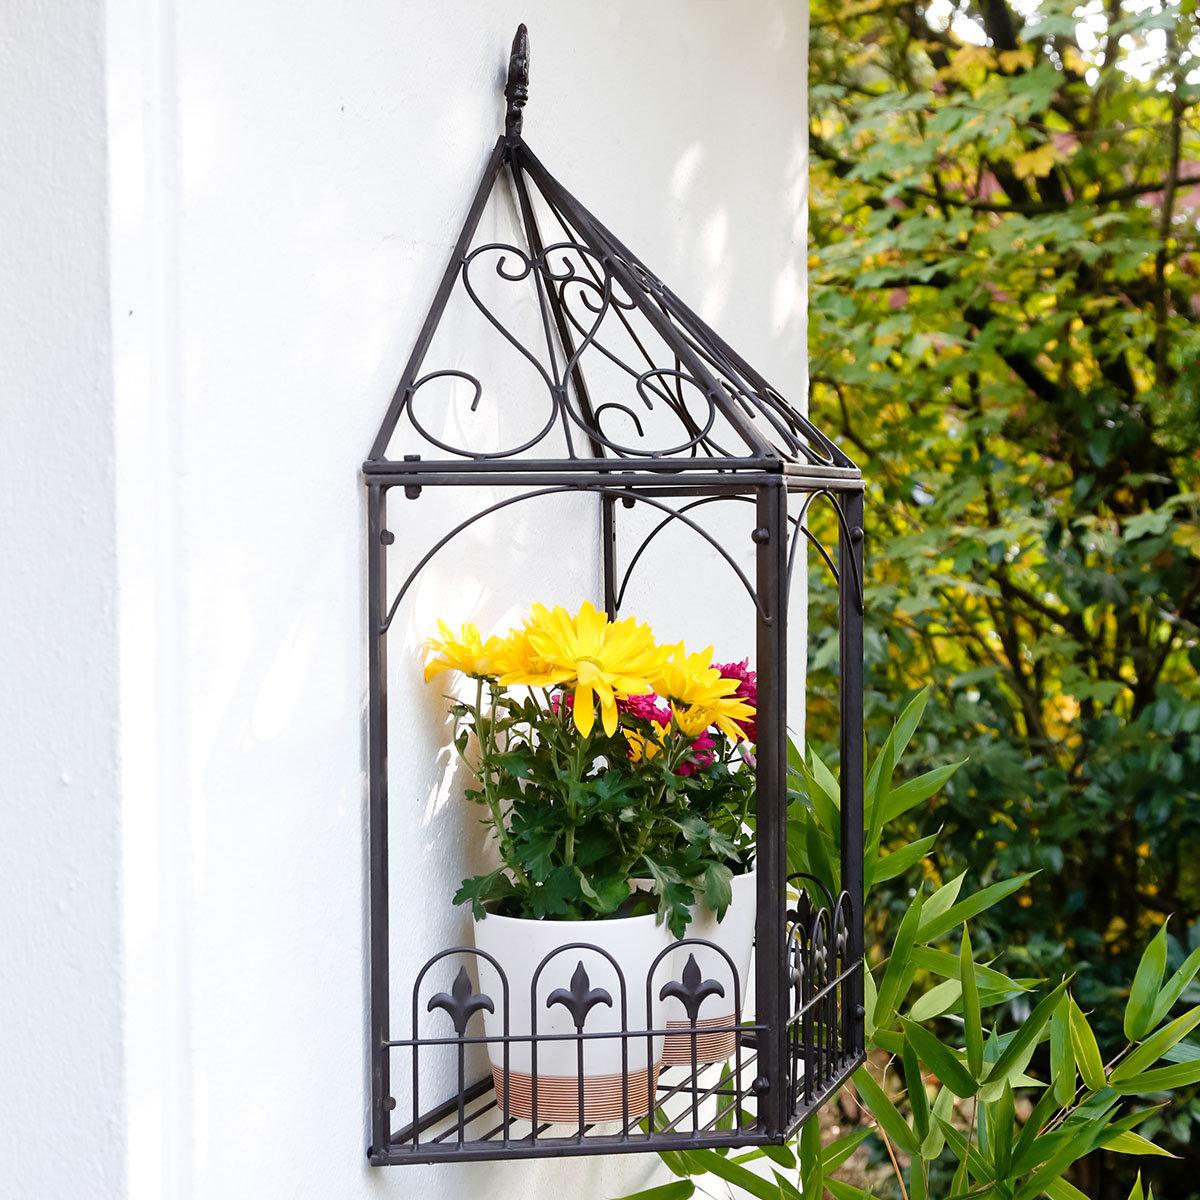 Blumenfenster Bellevue | #2